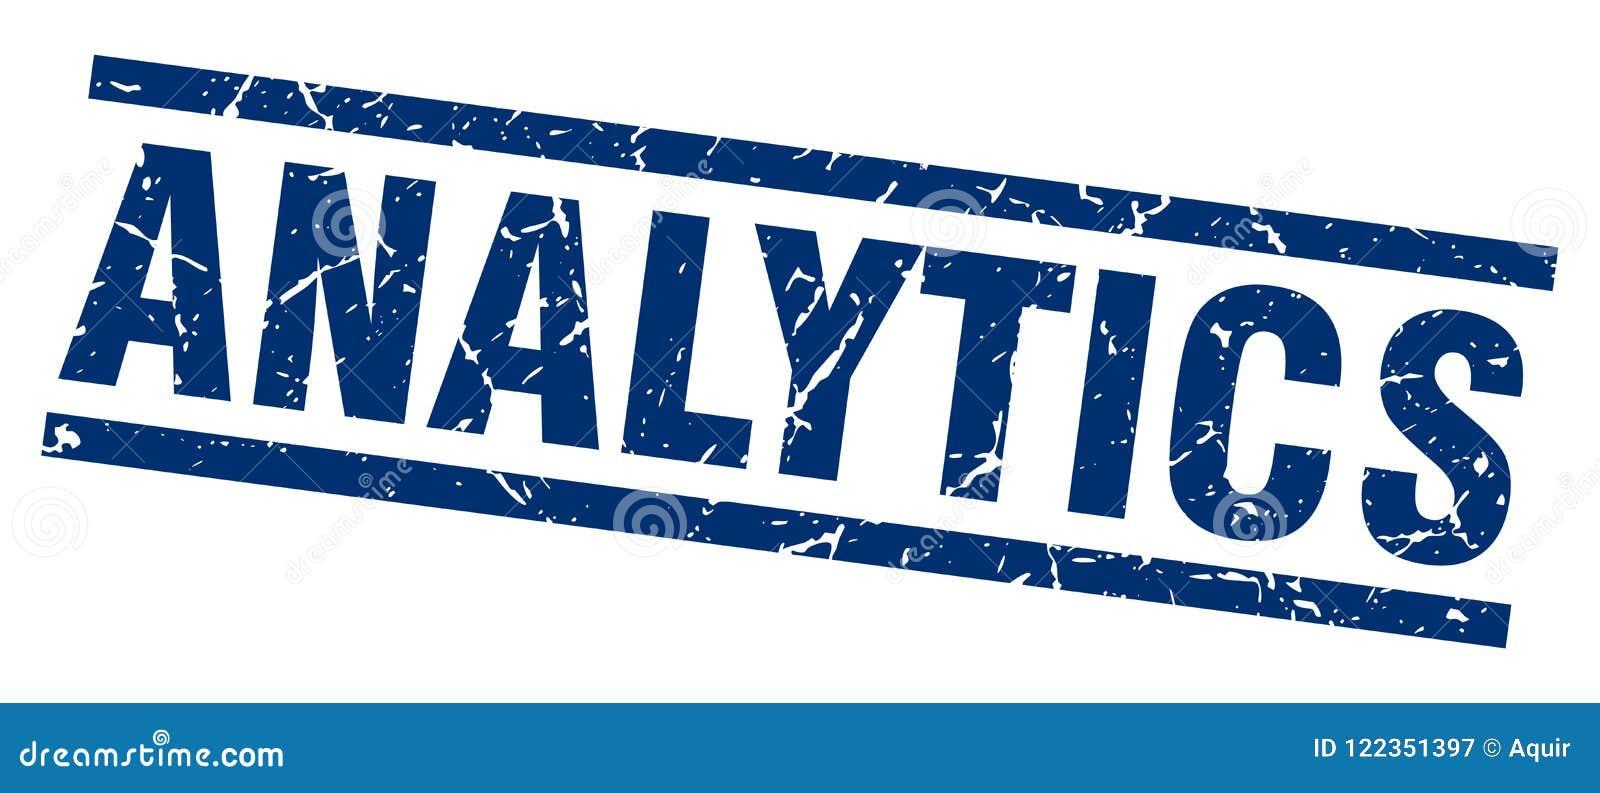 analytics stamp